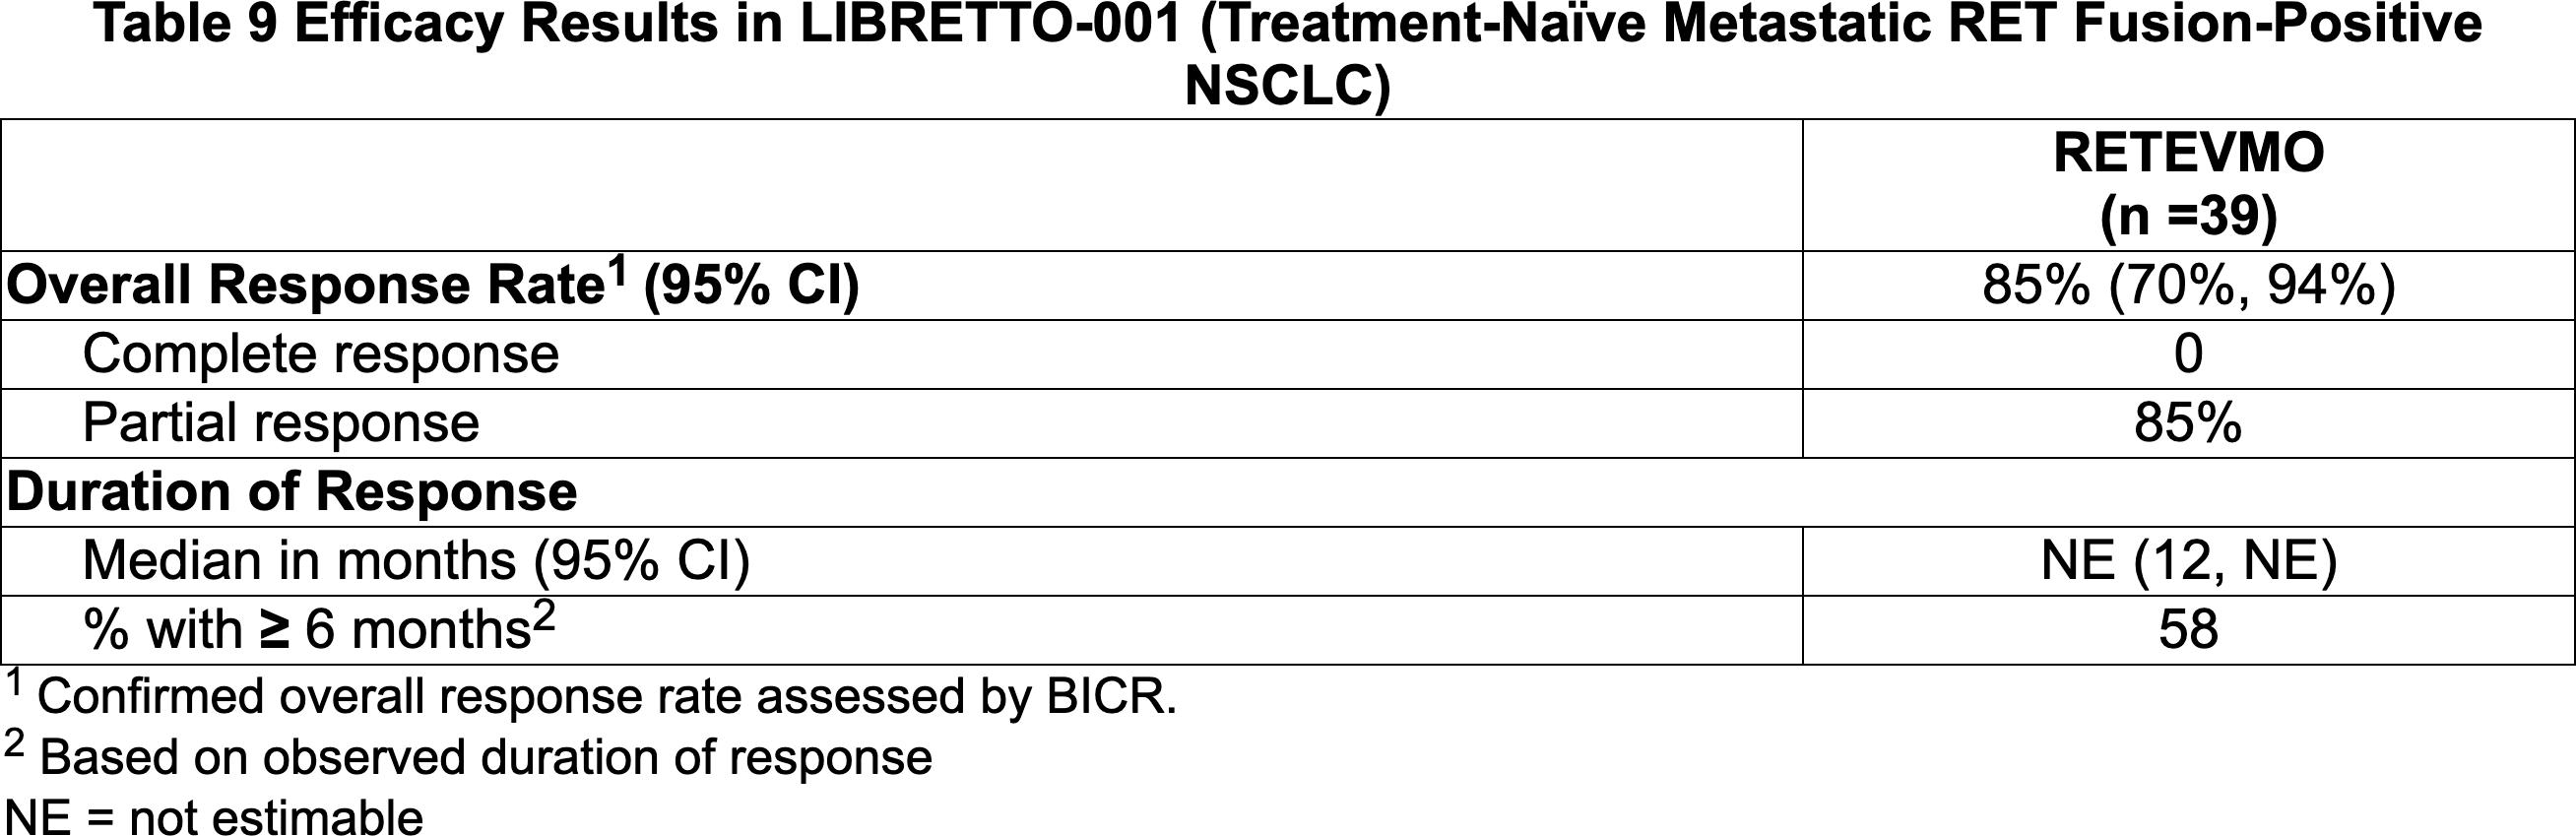 nct03157128 results 04 - «Ретевмо»: первое лекарство против RET-положительных опухолей